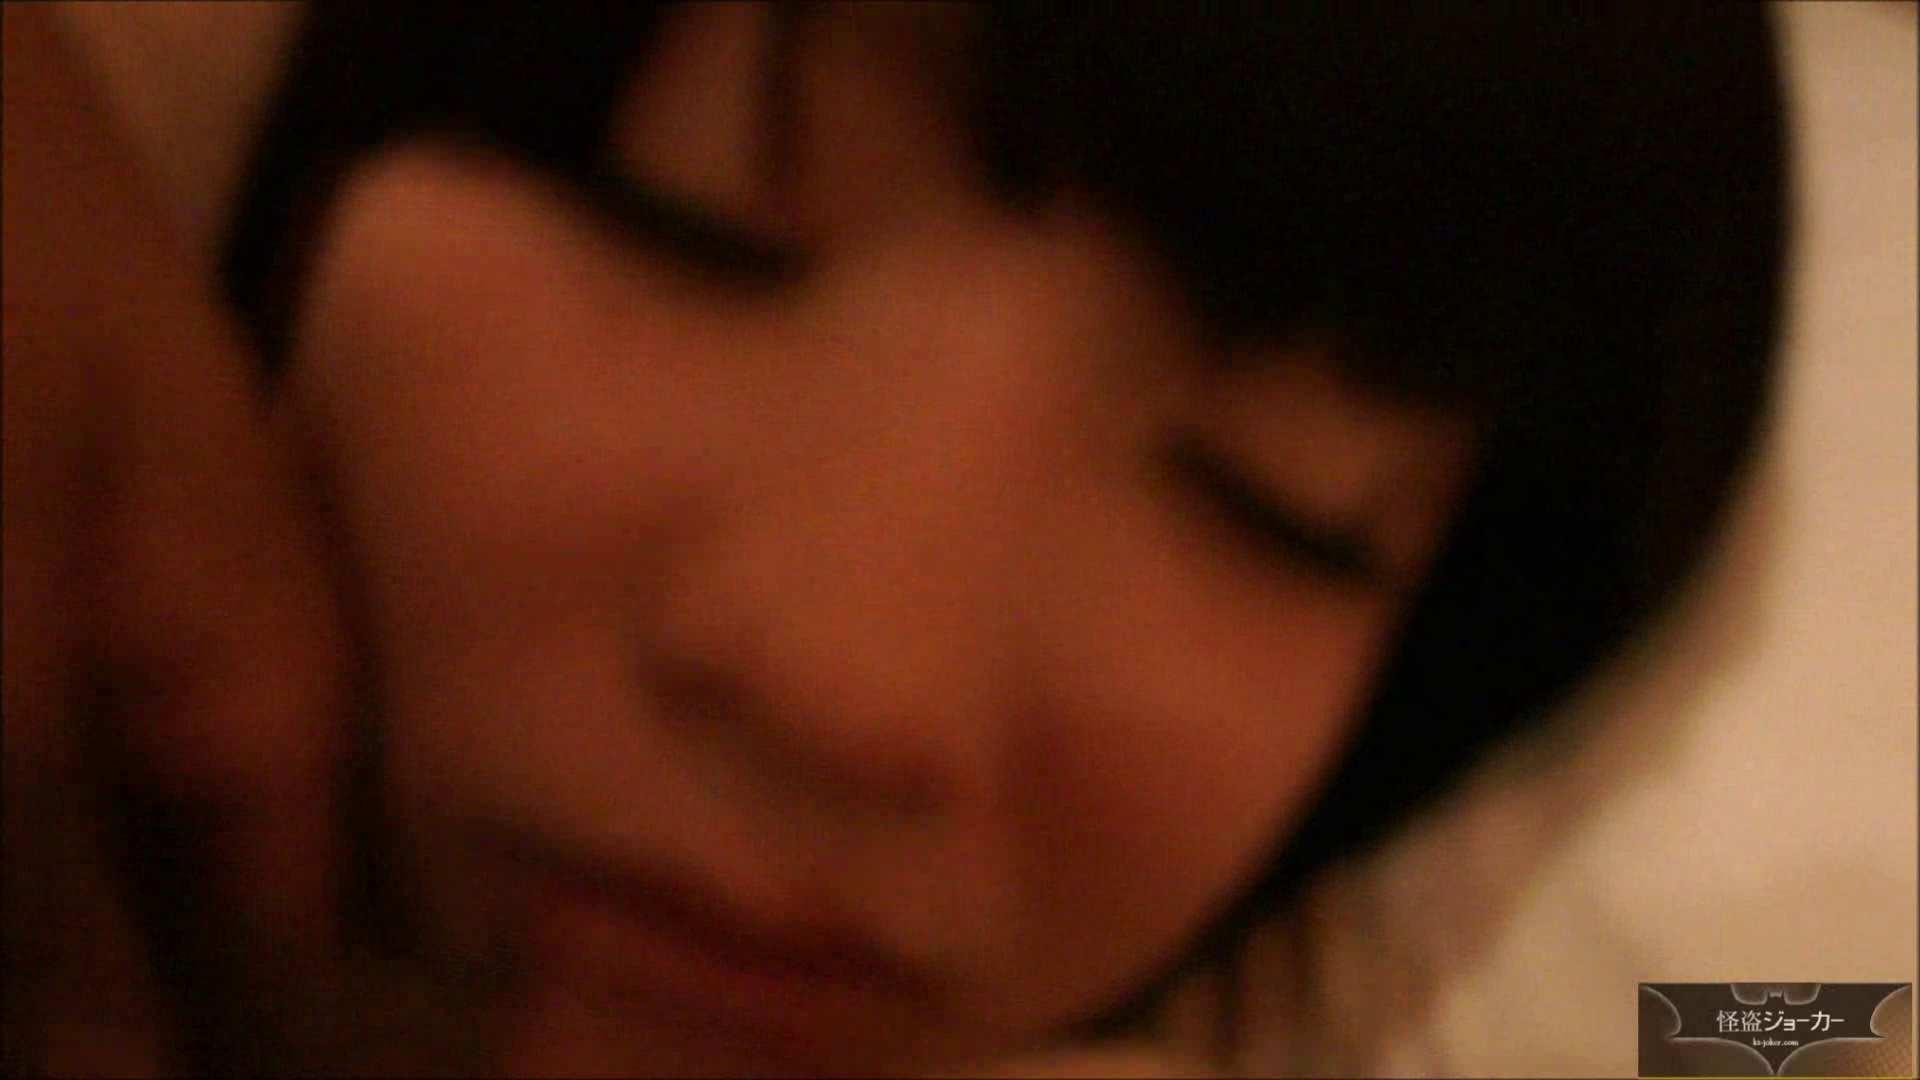 【未公開】vol.30 完全なる目民り姫になった小春ちゃん。 美乳 われめAV動画紹介 60画像 47